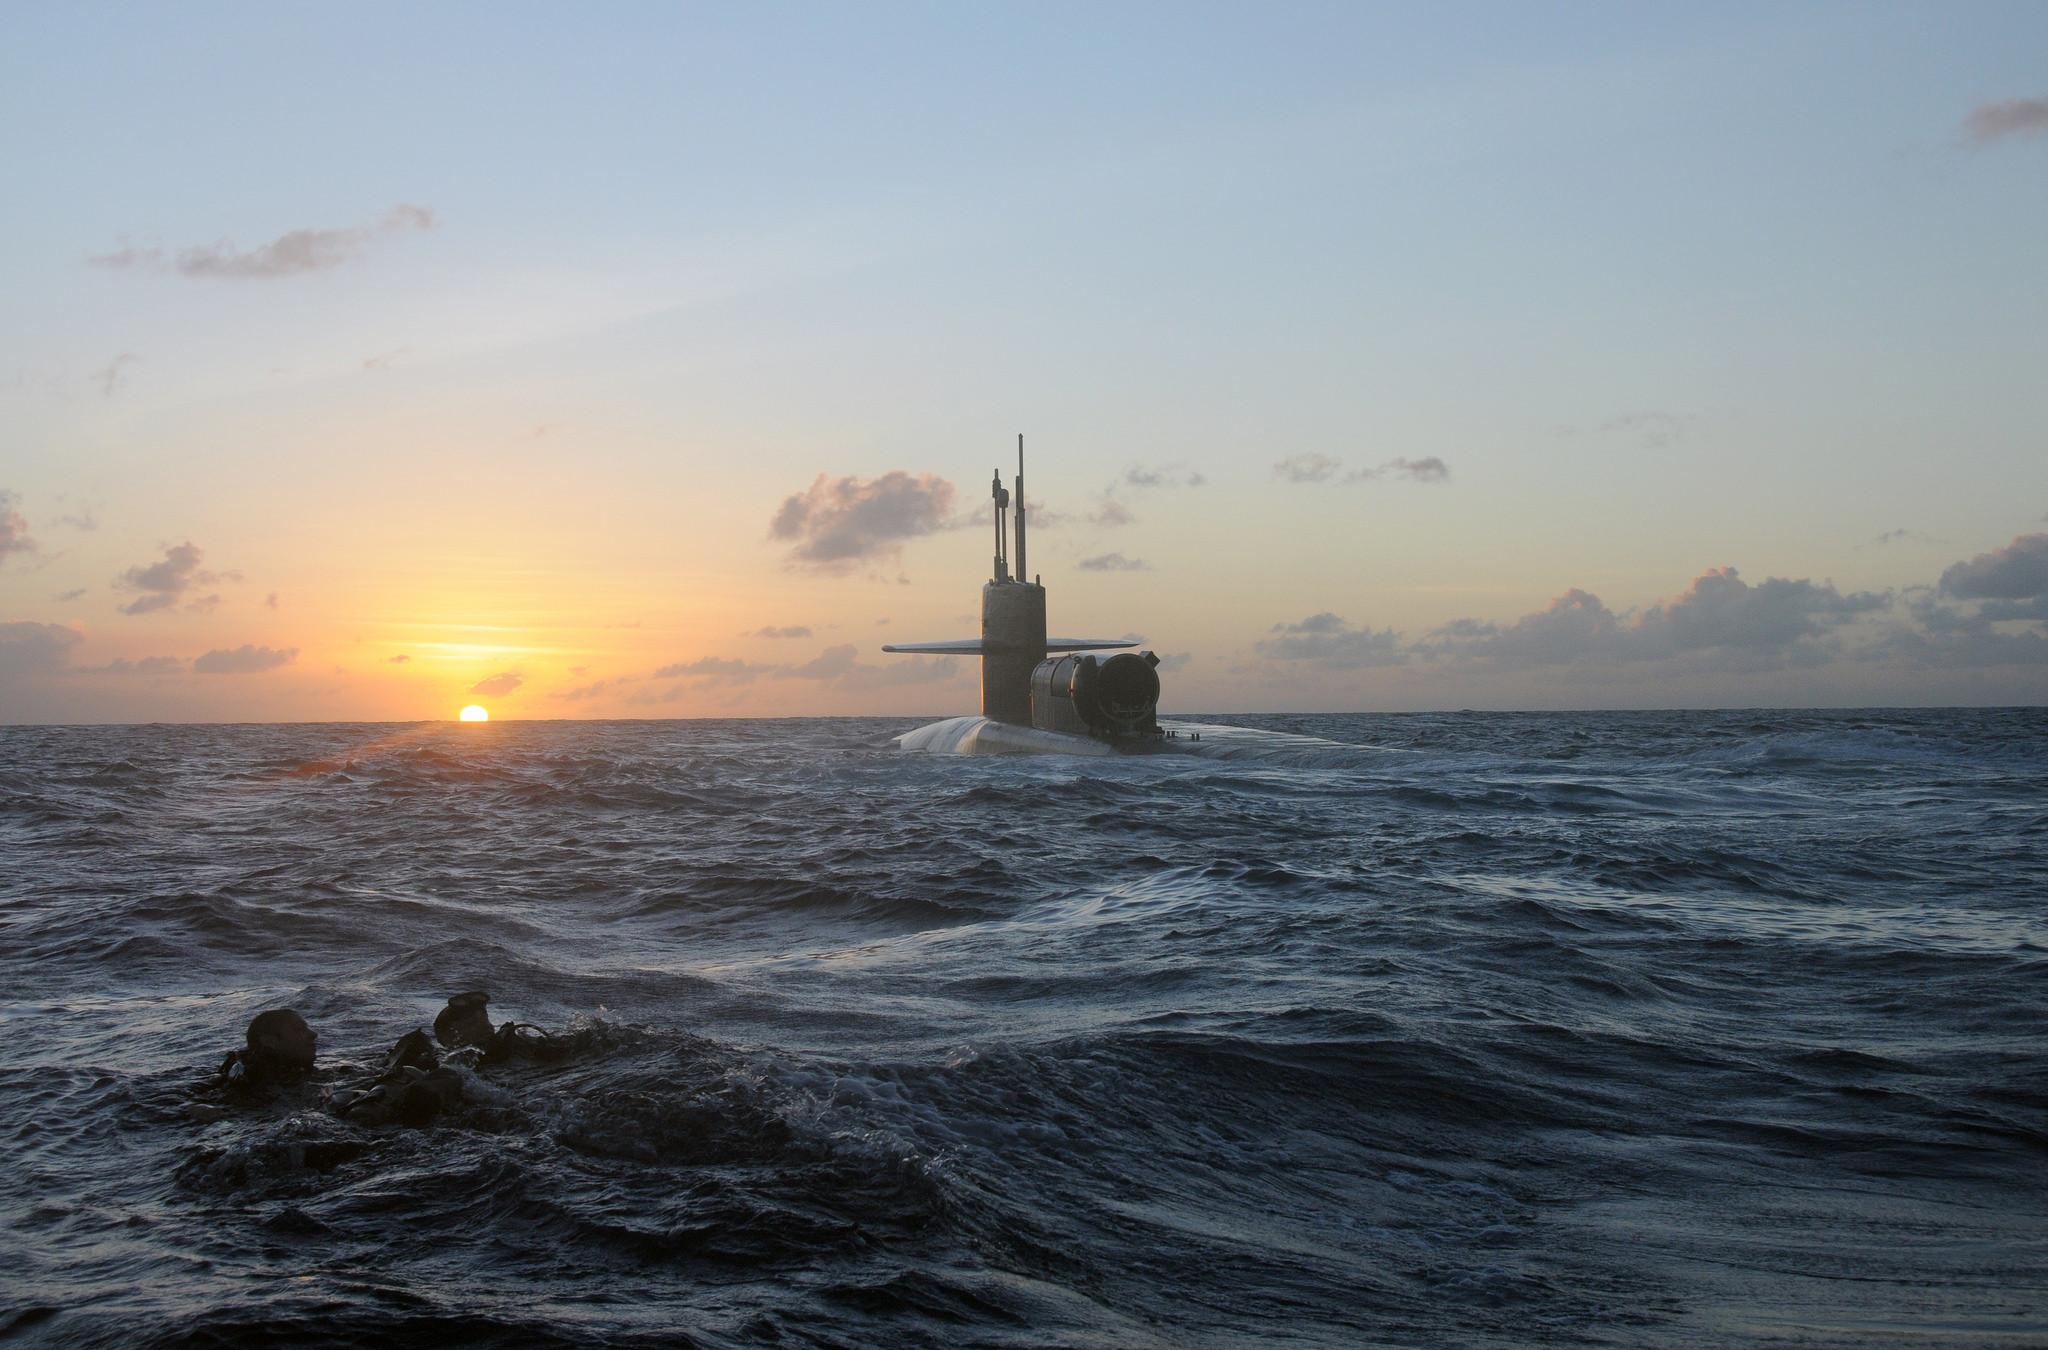 拜登,強生,莫理森,AUKUS,QUAD,拜習會,潛艦,法國,阿富汗,核不擴散條約